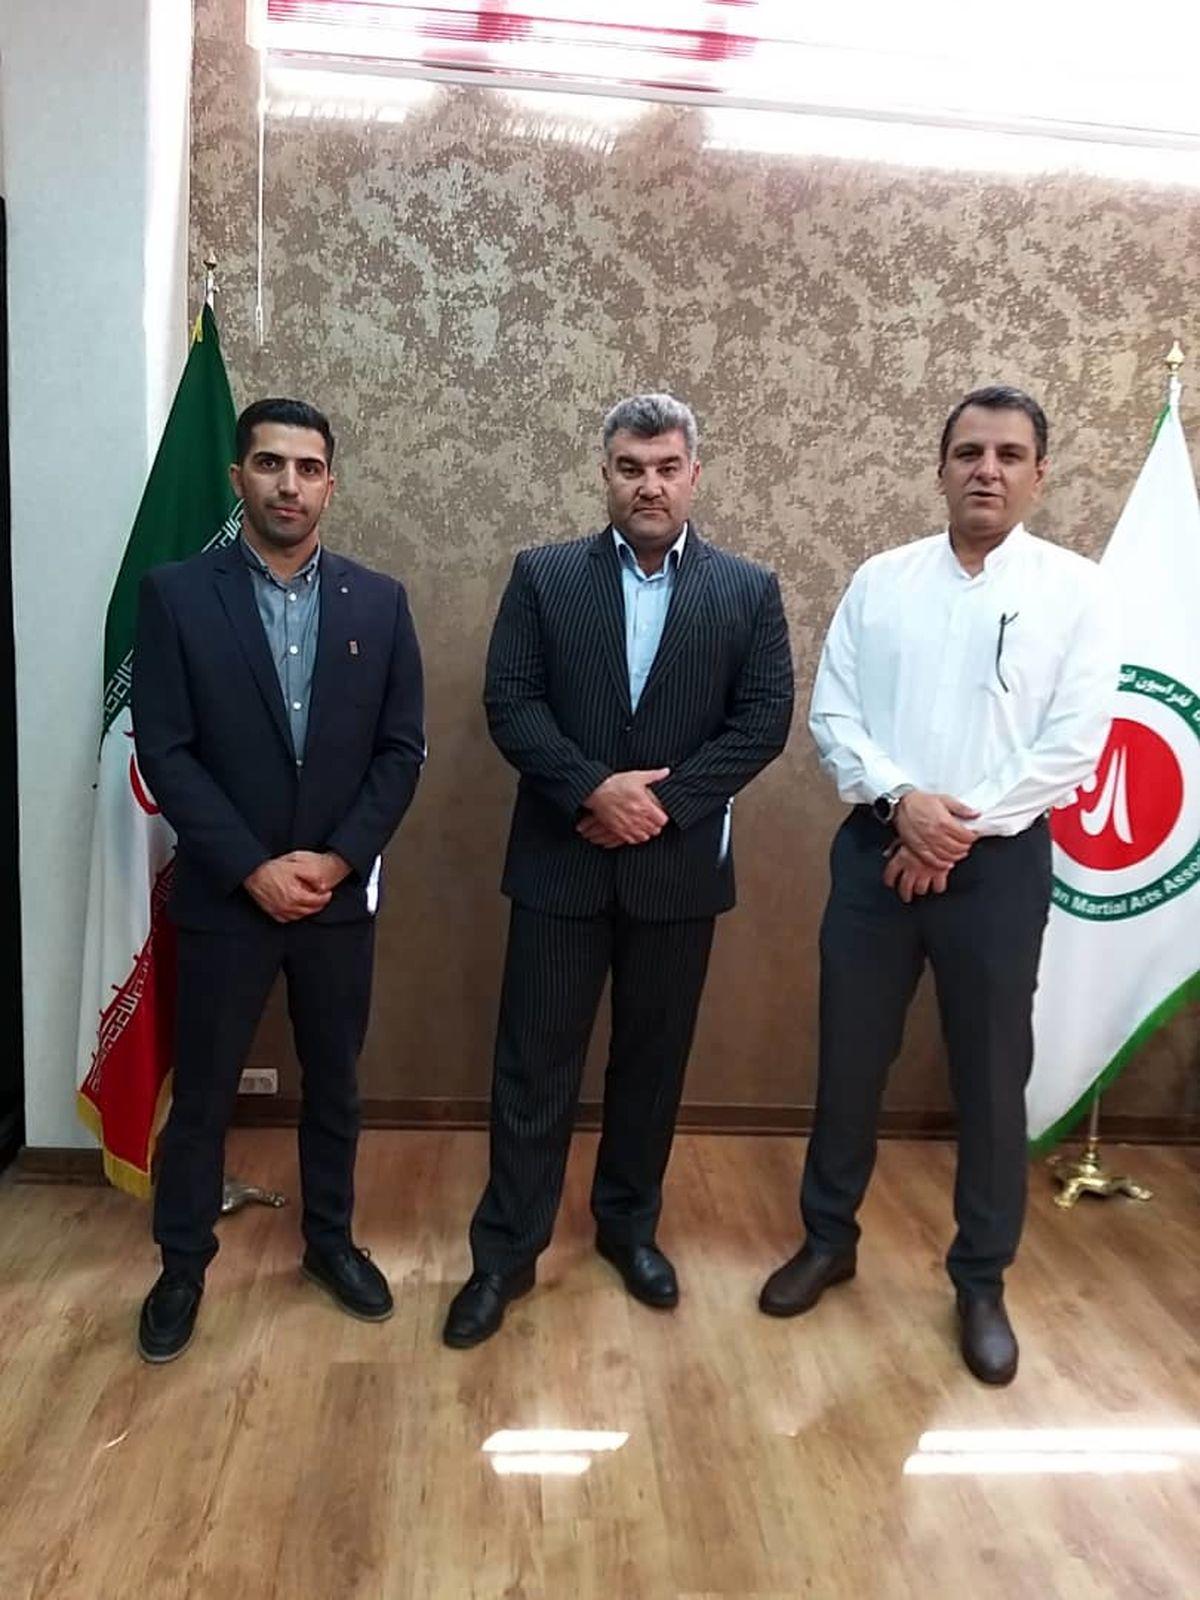 افزایش همکاری منطقه آزاد قشم با فدراسیون انجمن ورزش های رزمی کشور